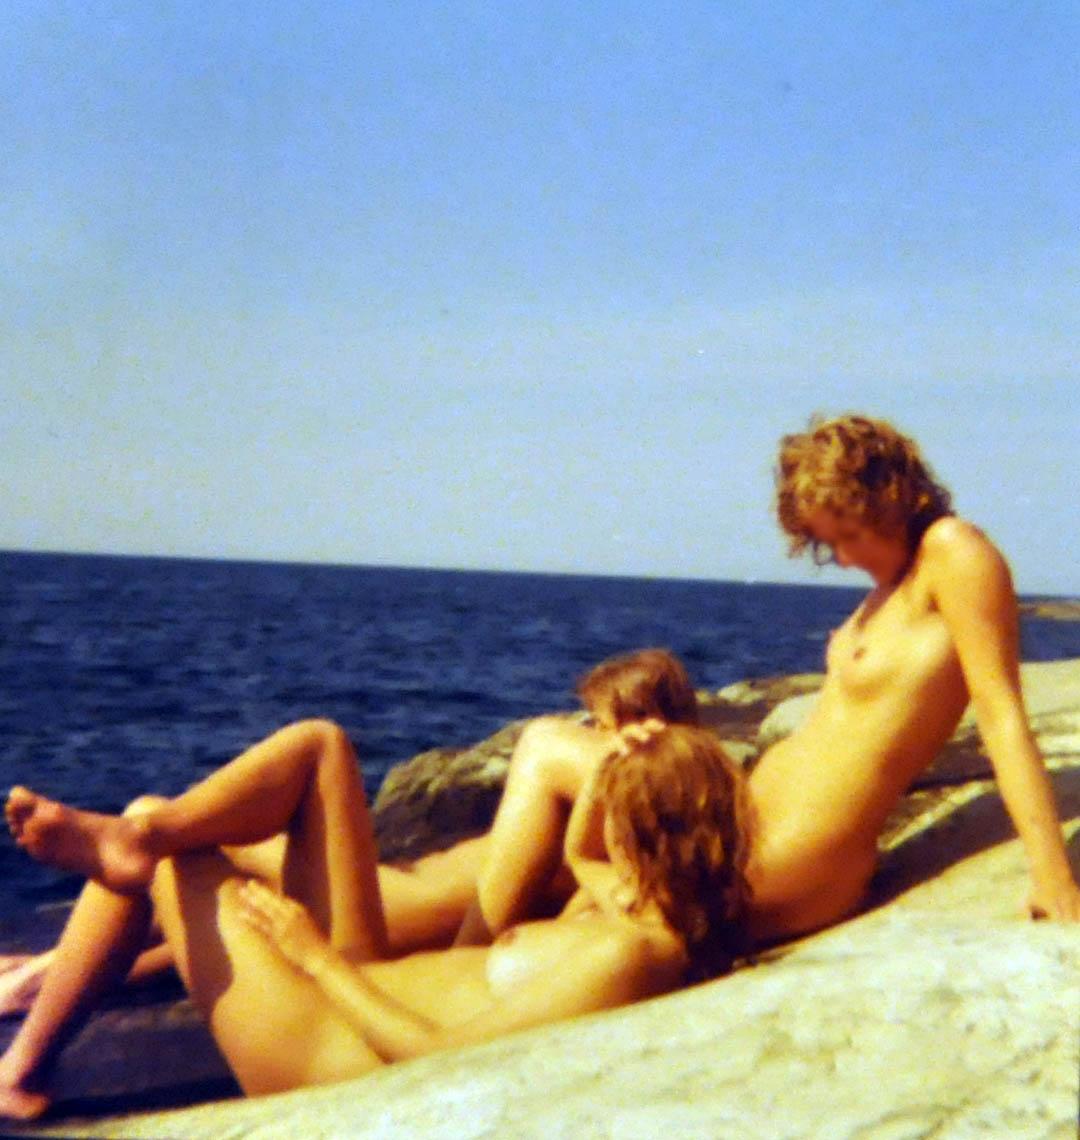 tumblr ledsagare naken i Linköping